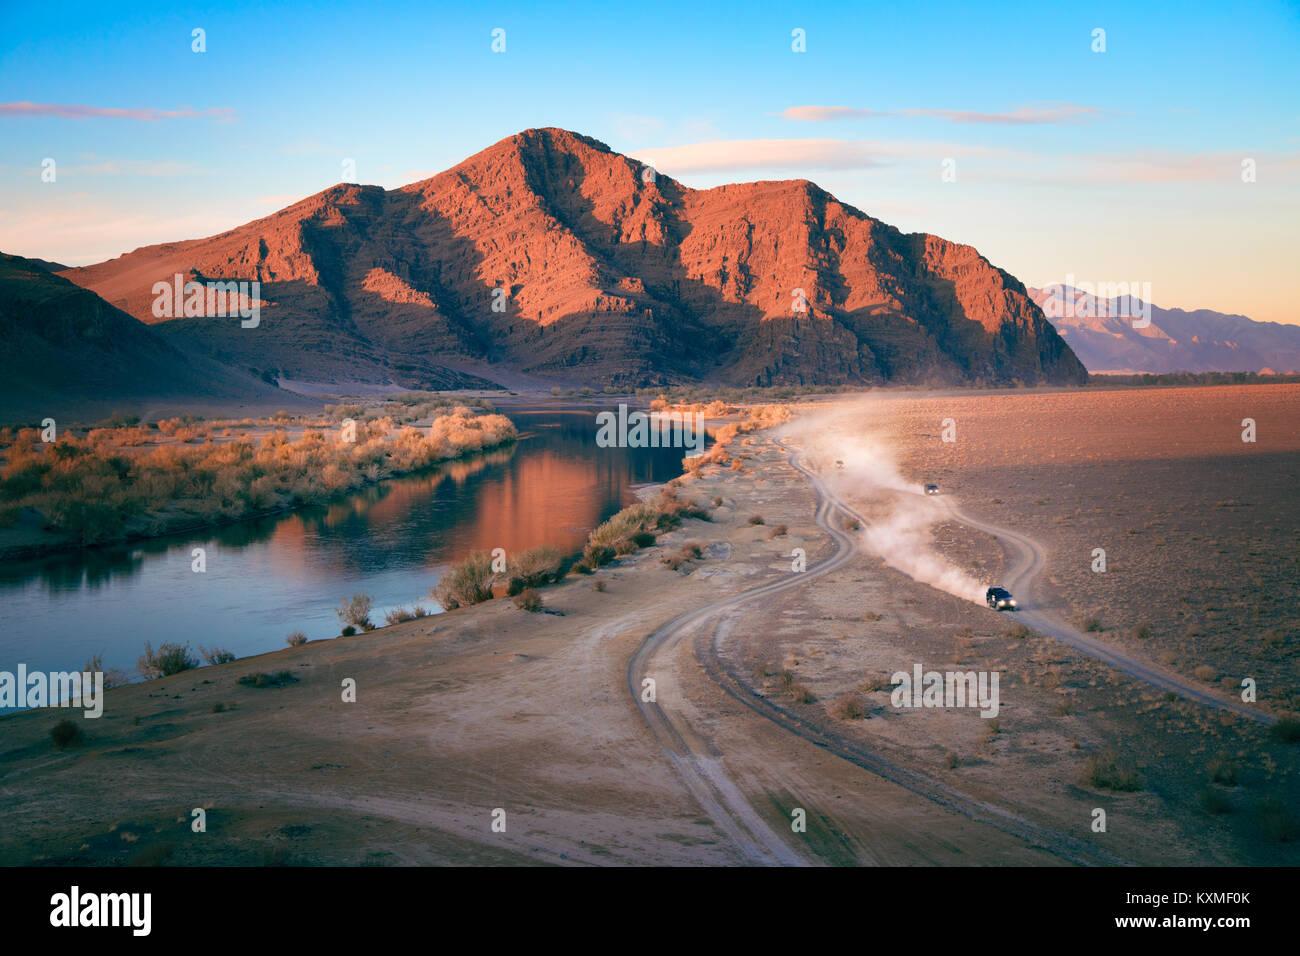 Strada sterrata cars racing nube di polvere tramonto paesaggio Mongolia rosso fiume di montagna la riflessione Immagini Stock